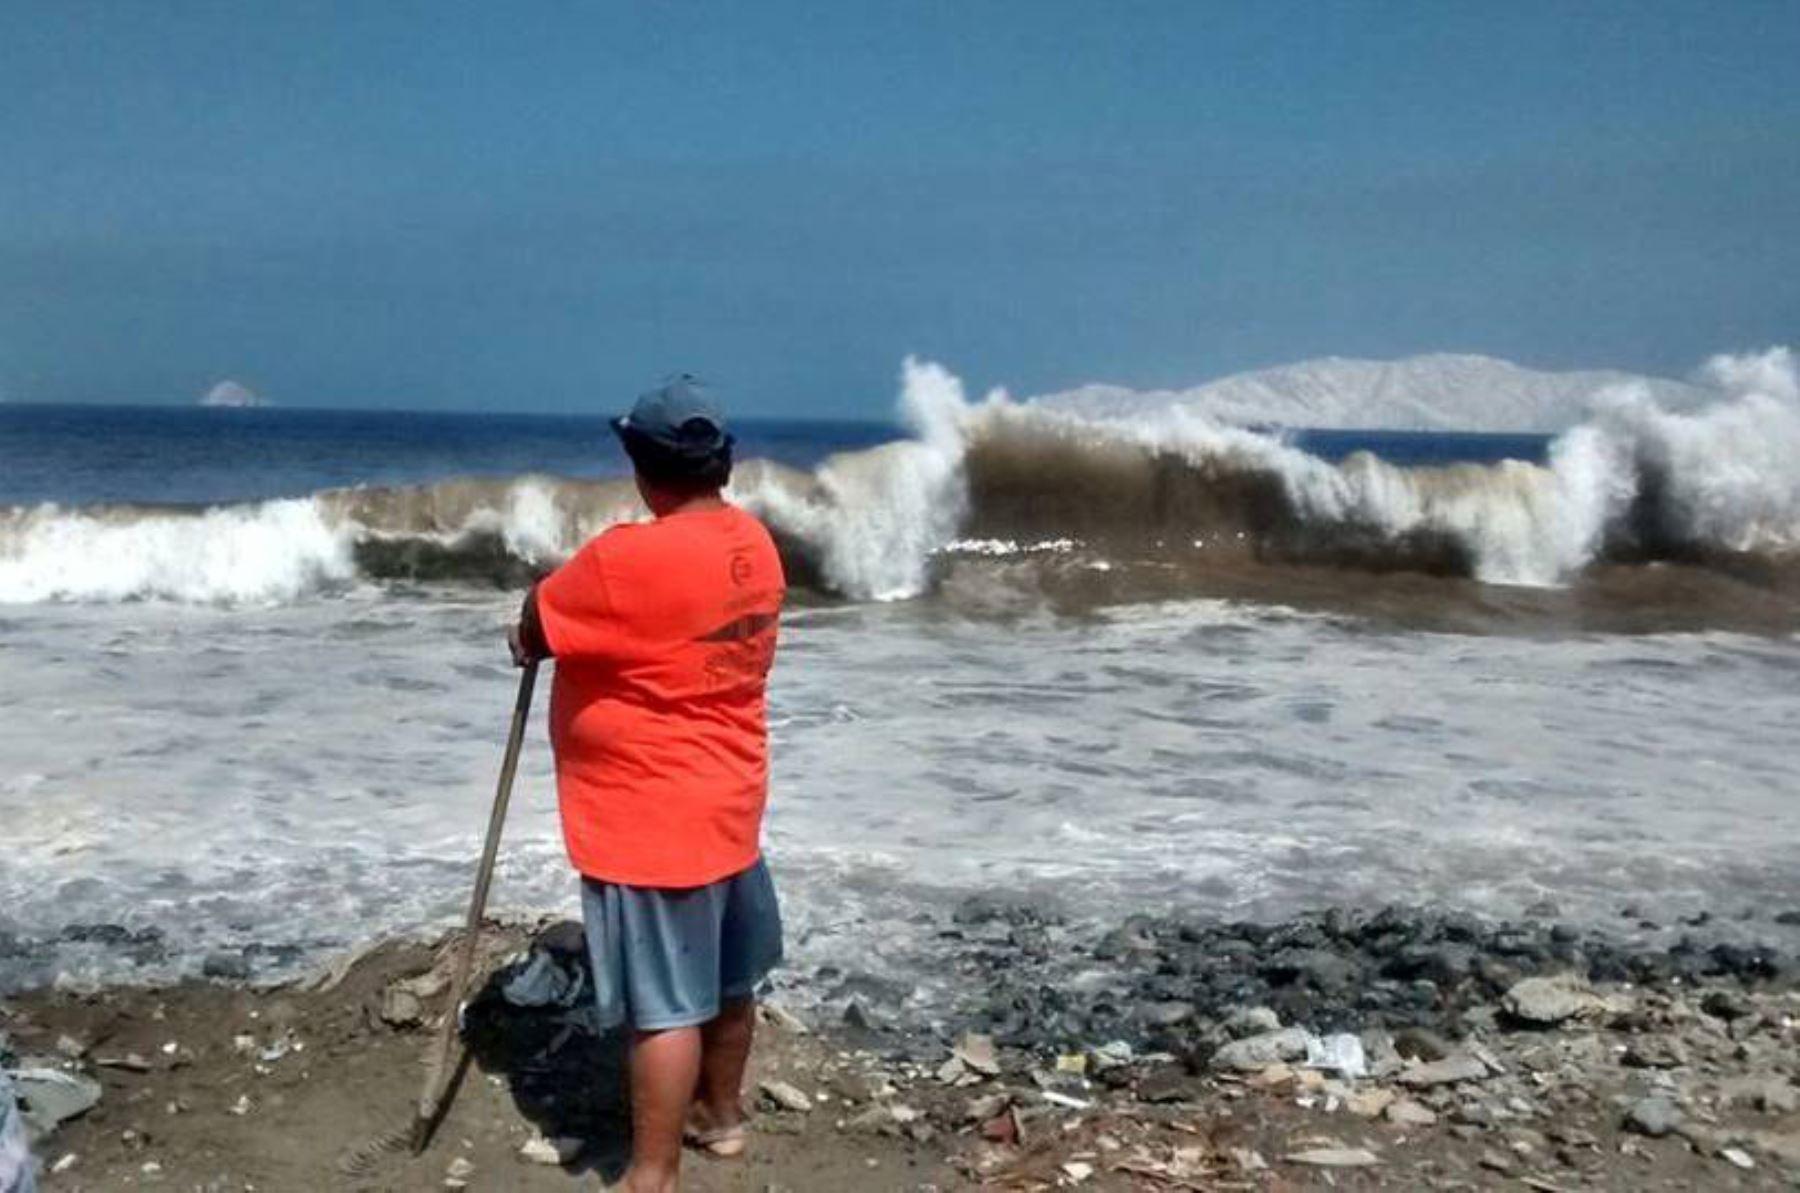 Por oleaje anómalo cierran puertos y caletas de todo el litoral, informó la DHN de la Marina. Foto: ANDINA/archivo